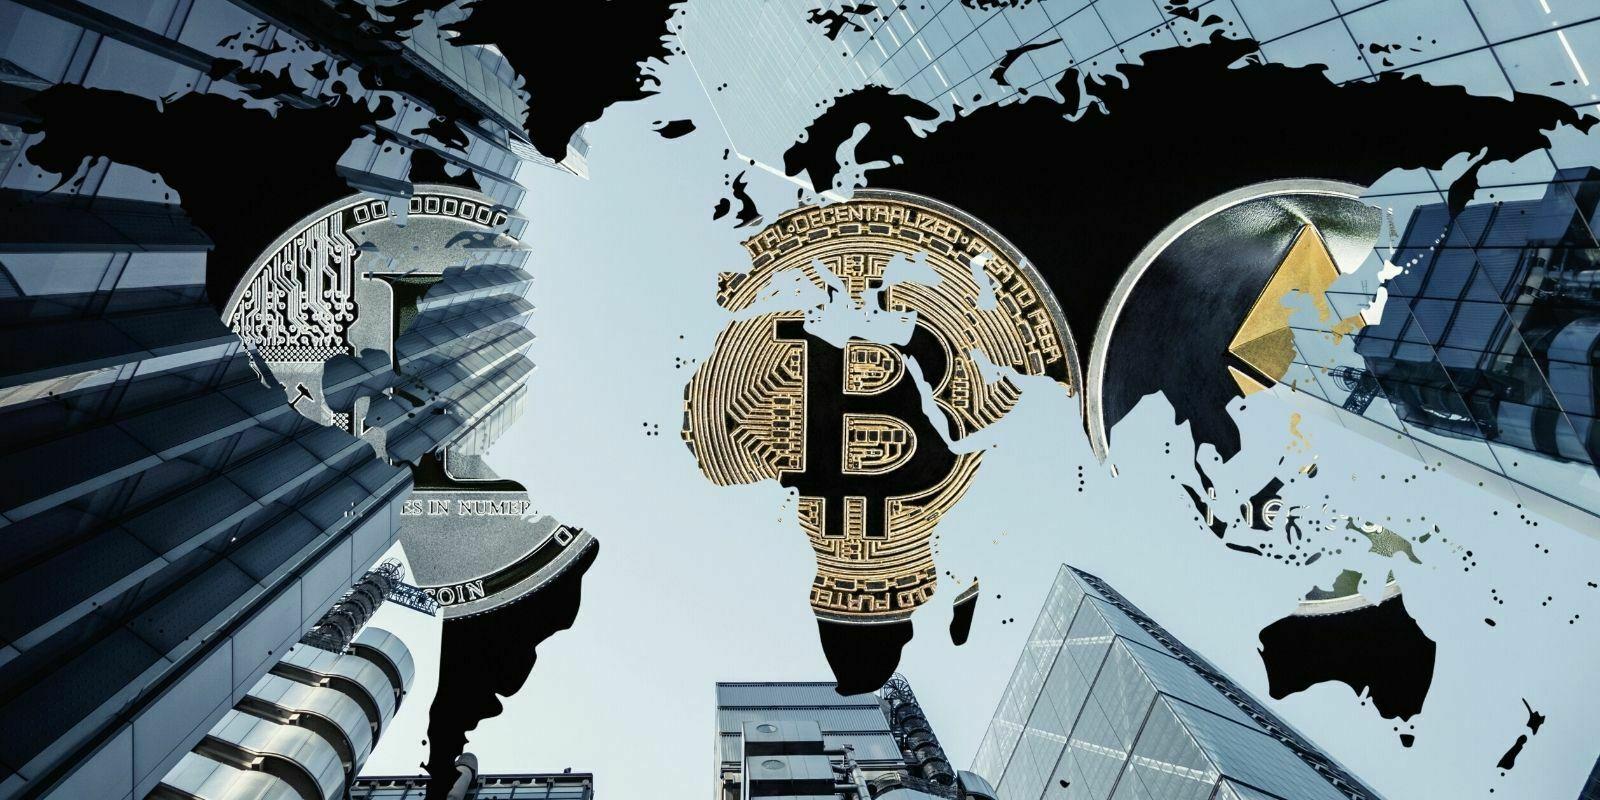 Les banques montent-elles enfin dans le train des cryptomonnaies ?